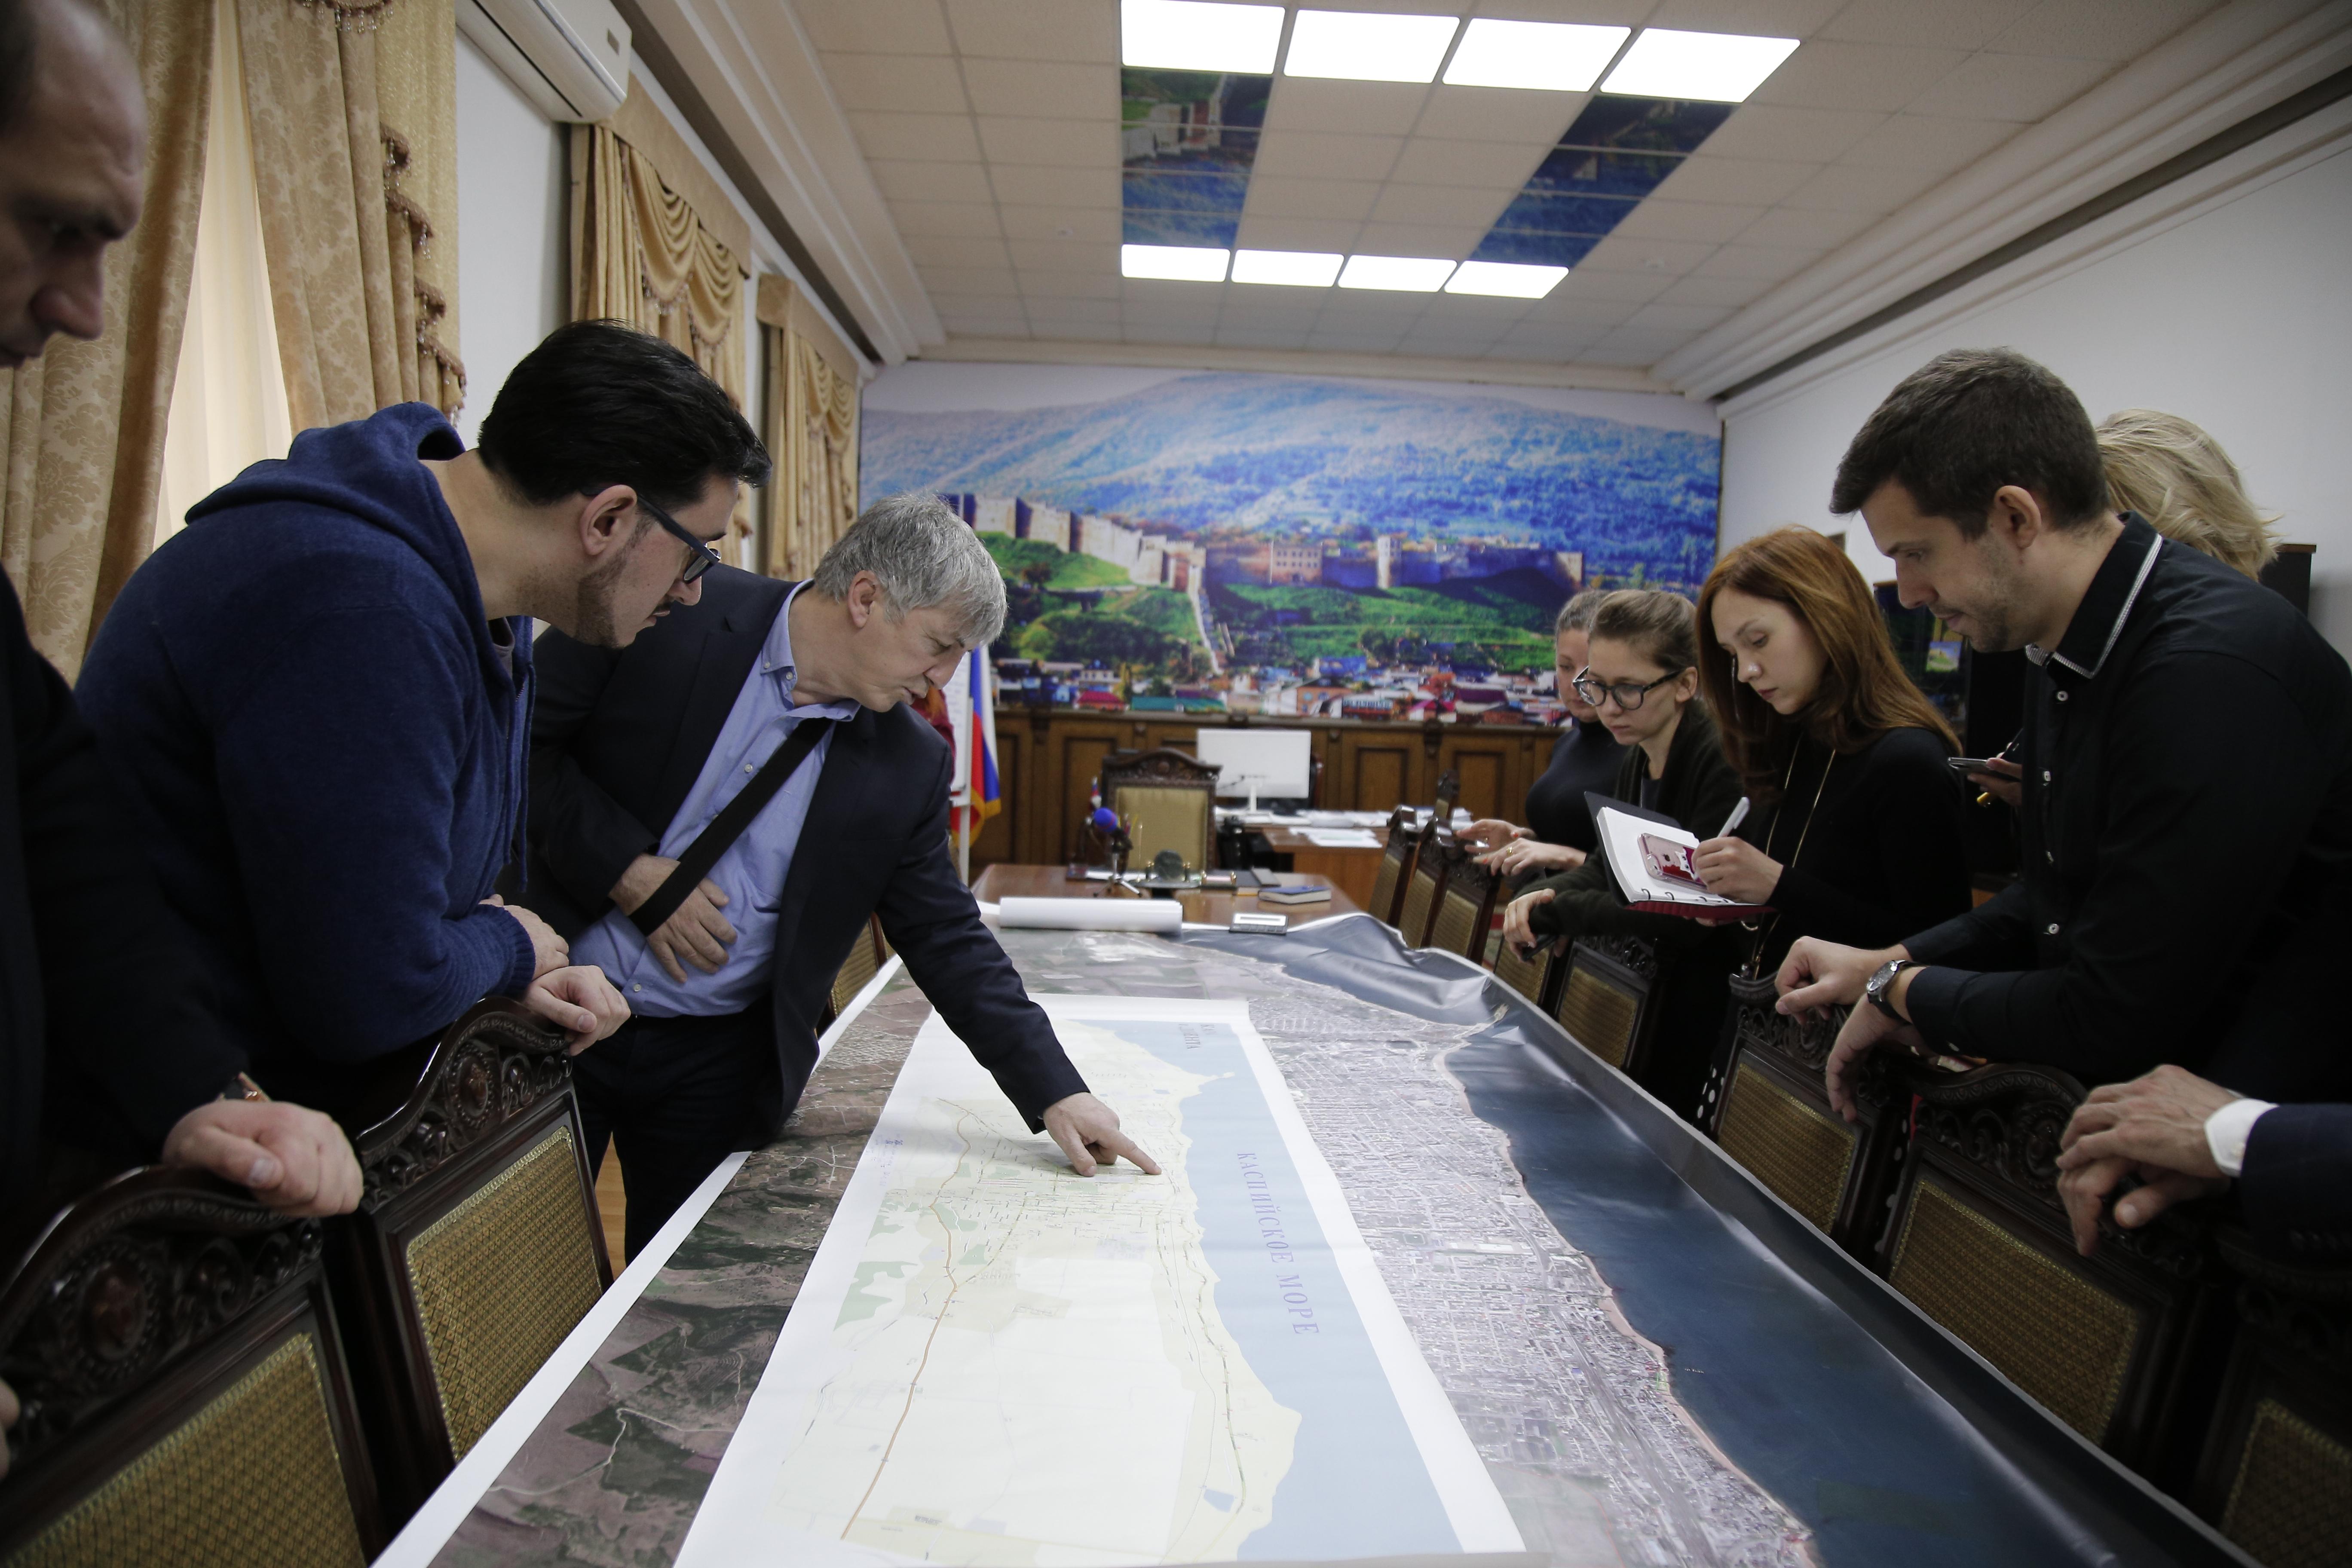 В Дербенте начали разрабатывать мастер-план развития города на период 2020-2040 гг.